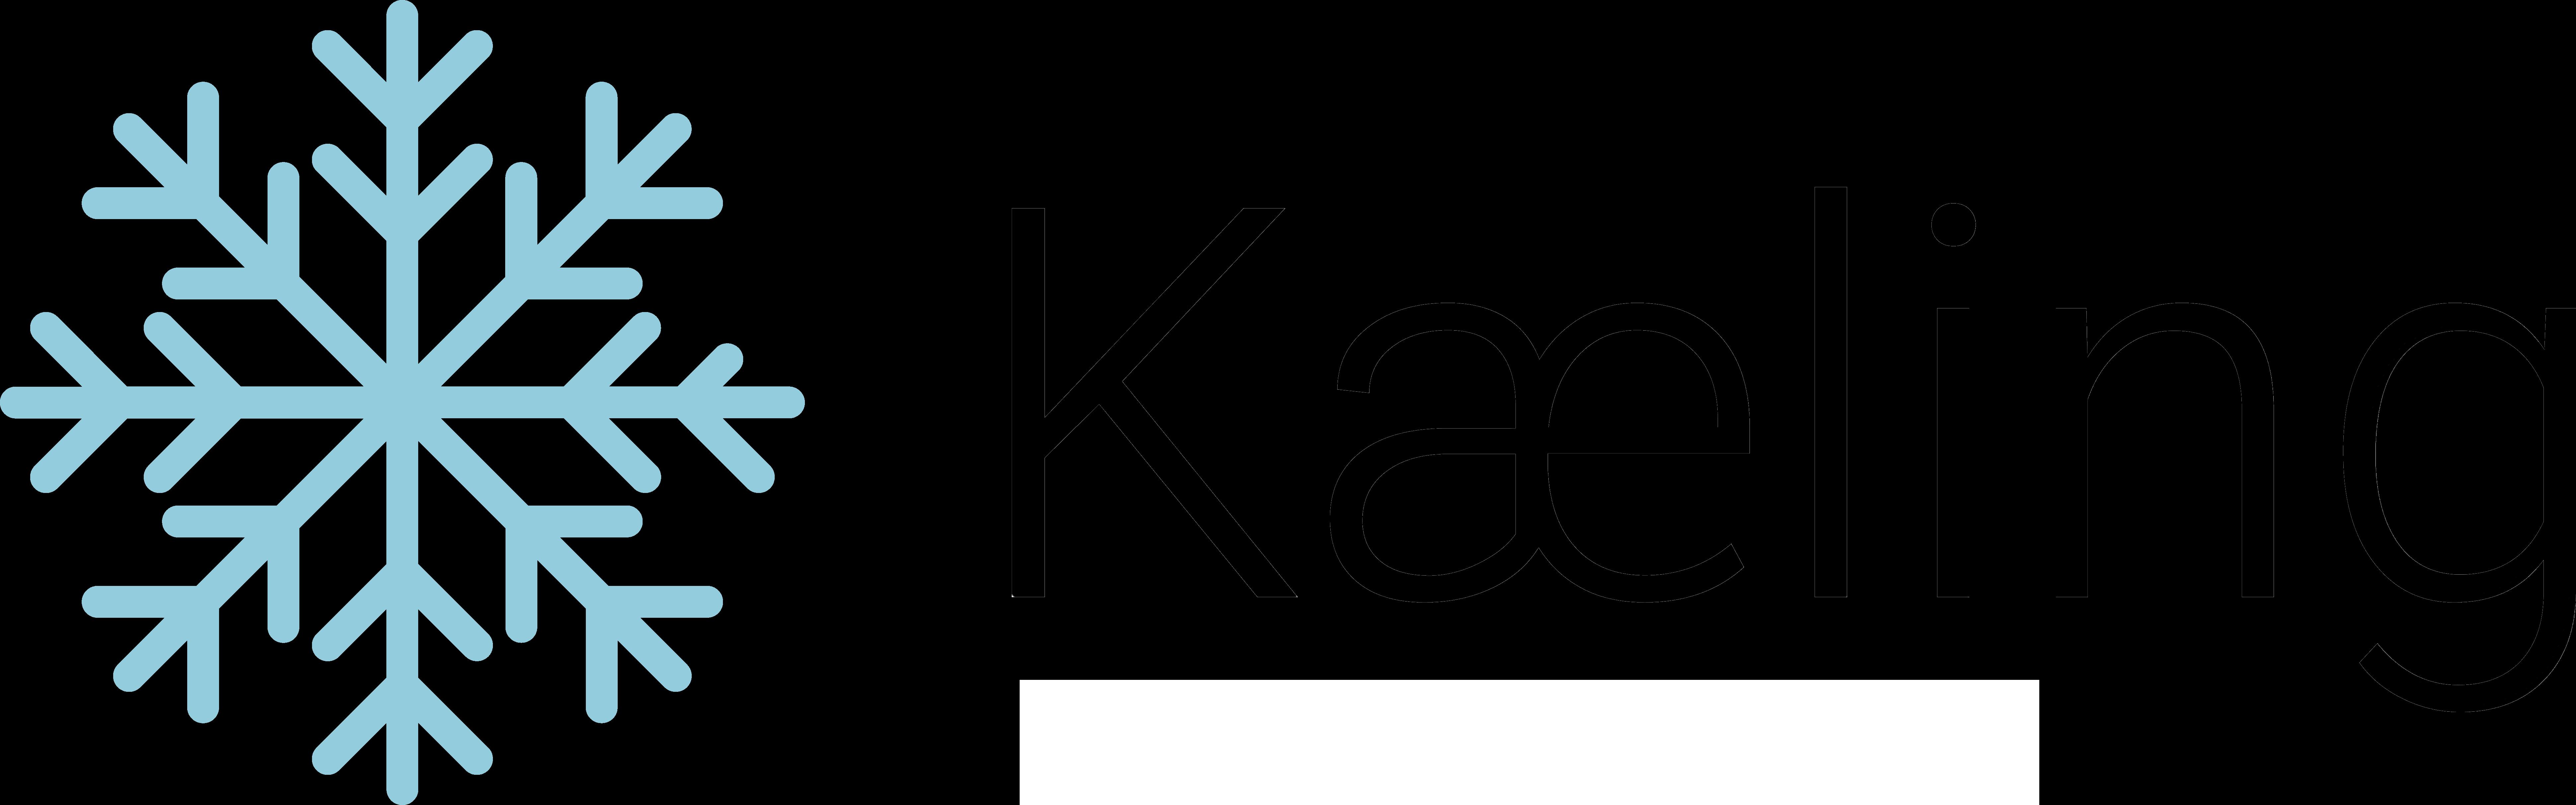 Kæling logo